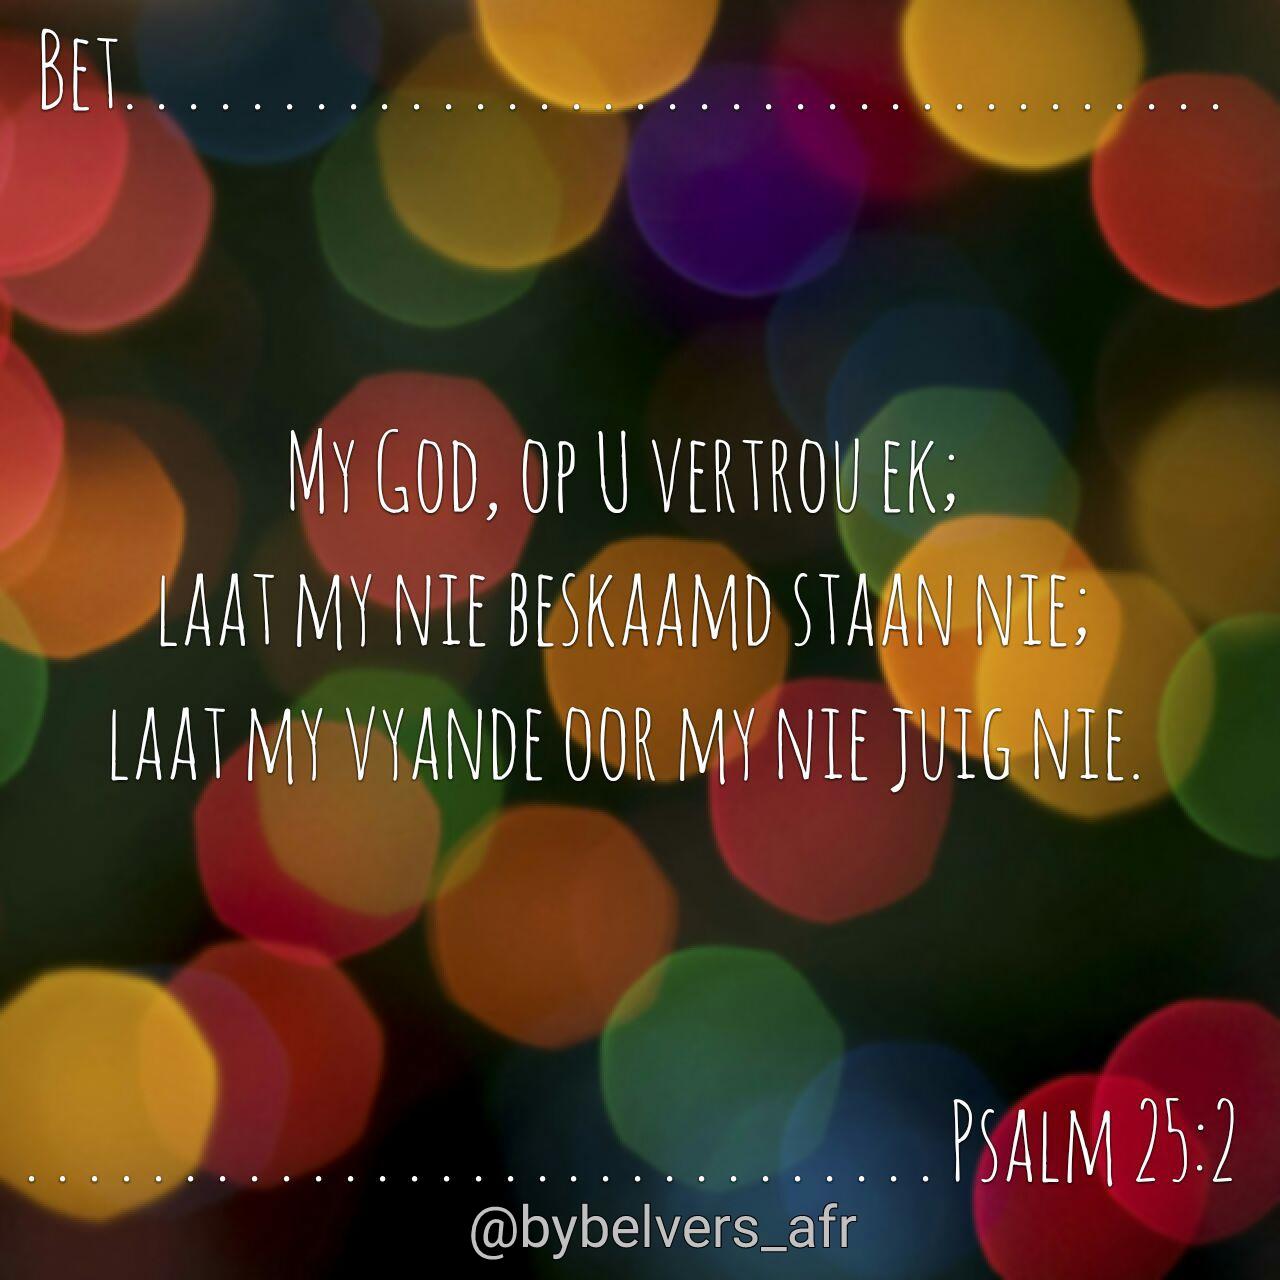 Bet.  My God, op U vertrou ek; laat my nie beskaamd staan nie; laat my vyande oor my nie juig nie. Psalm 25:2 #afrikaans #bybelvers